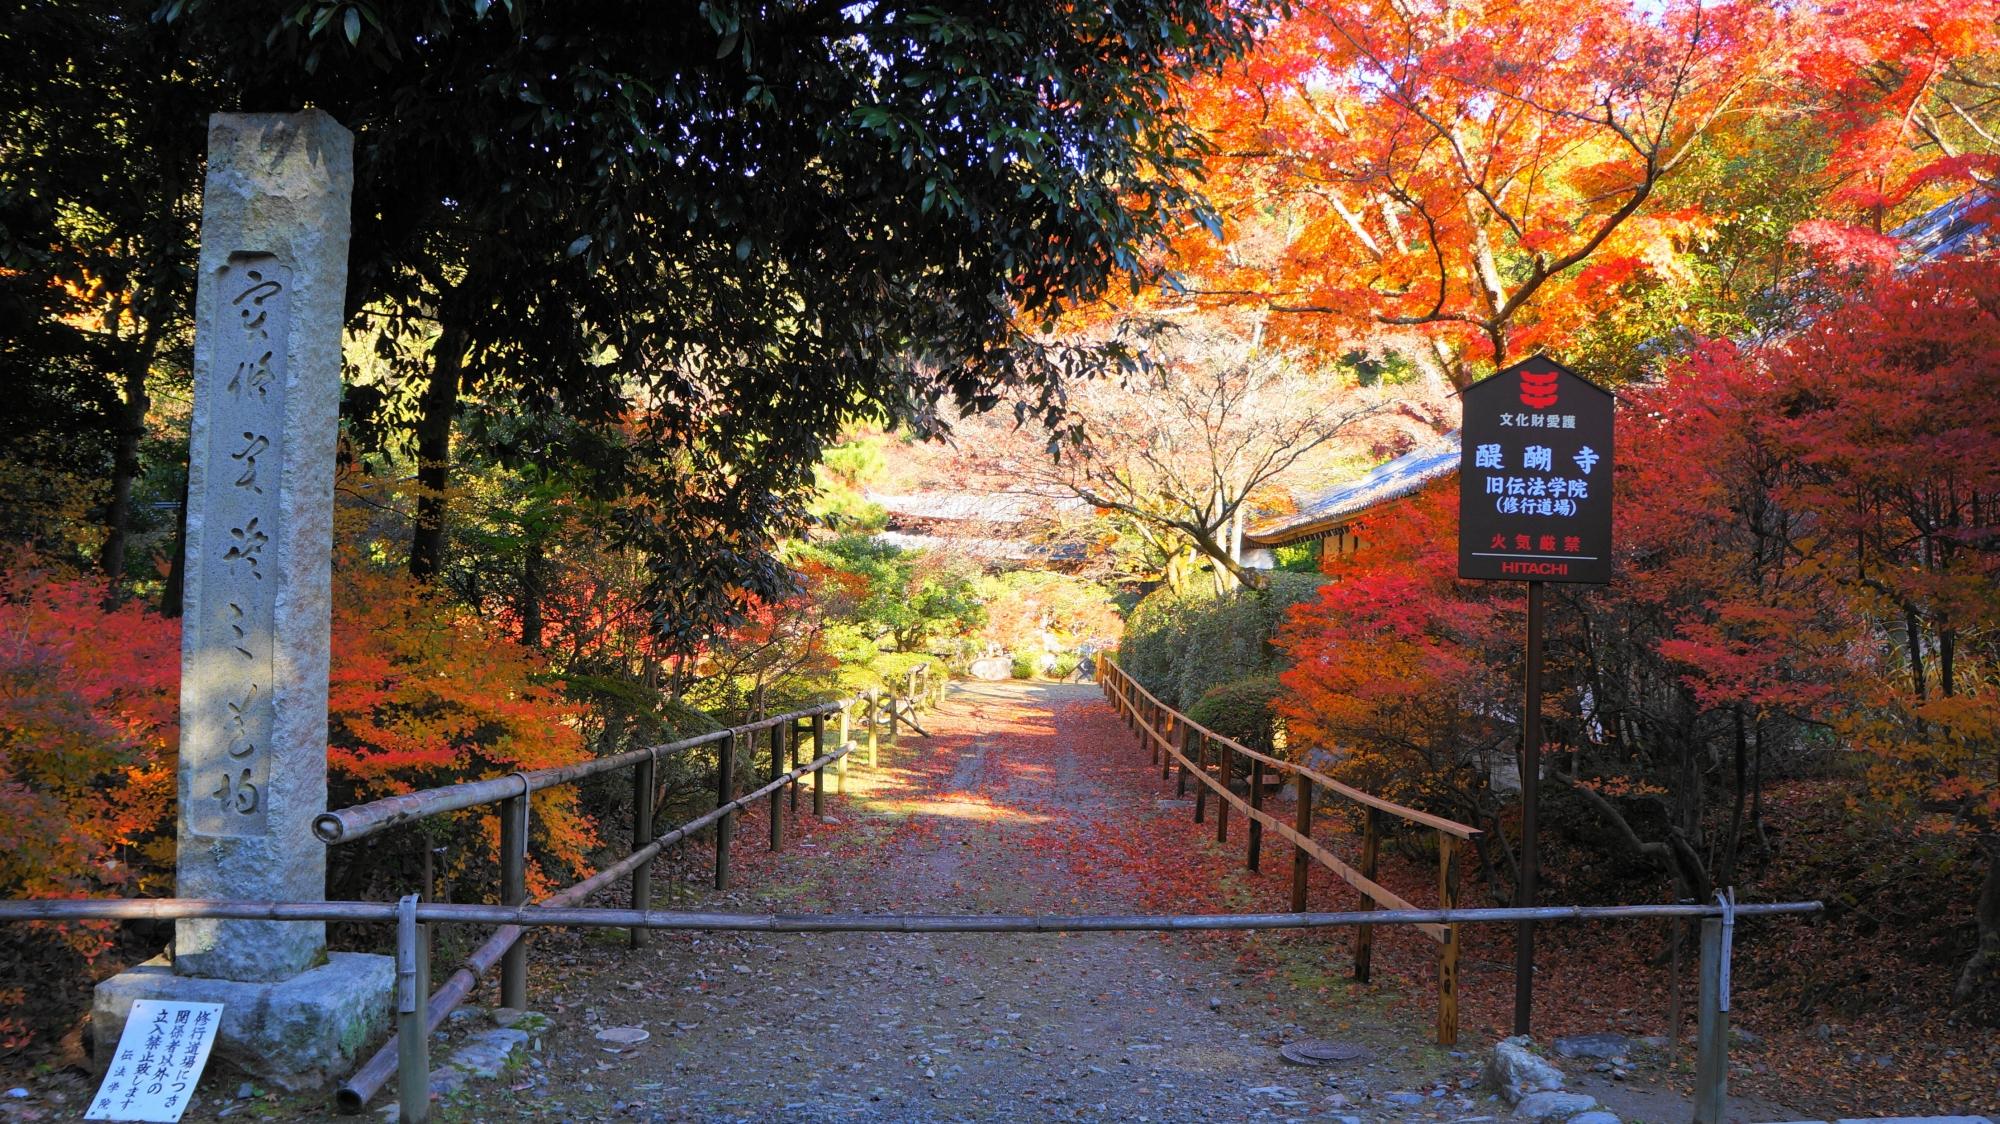 醍醐寺の旧伝法学院と紅葉